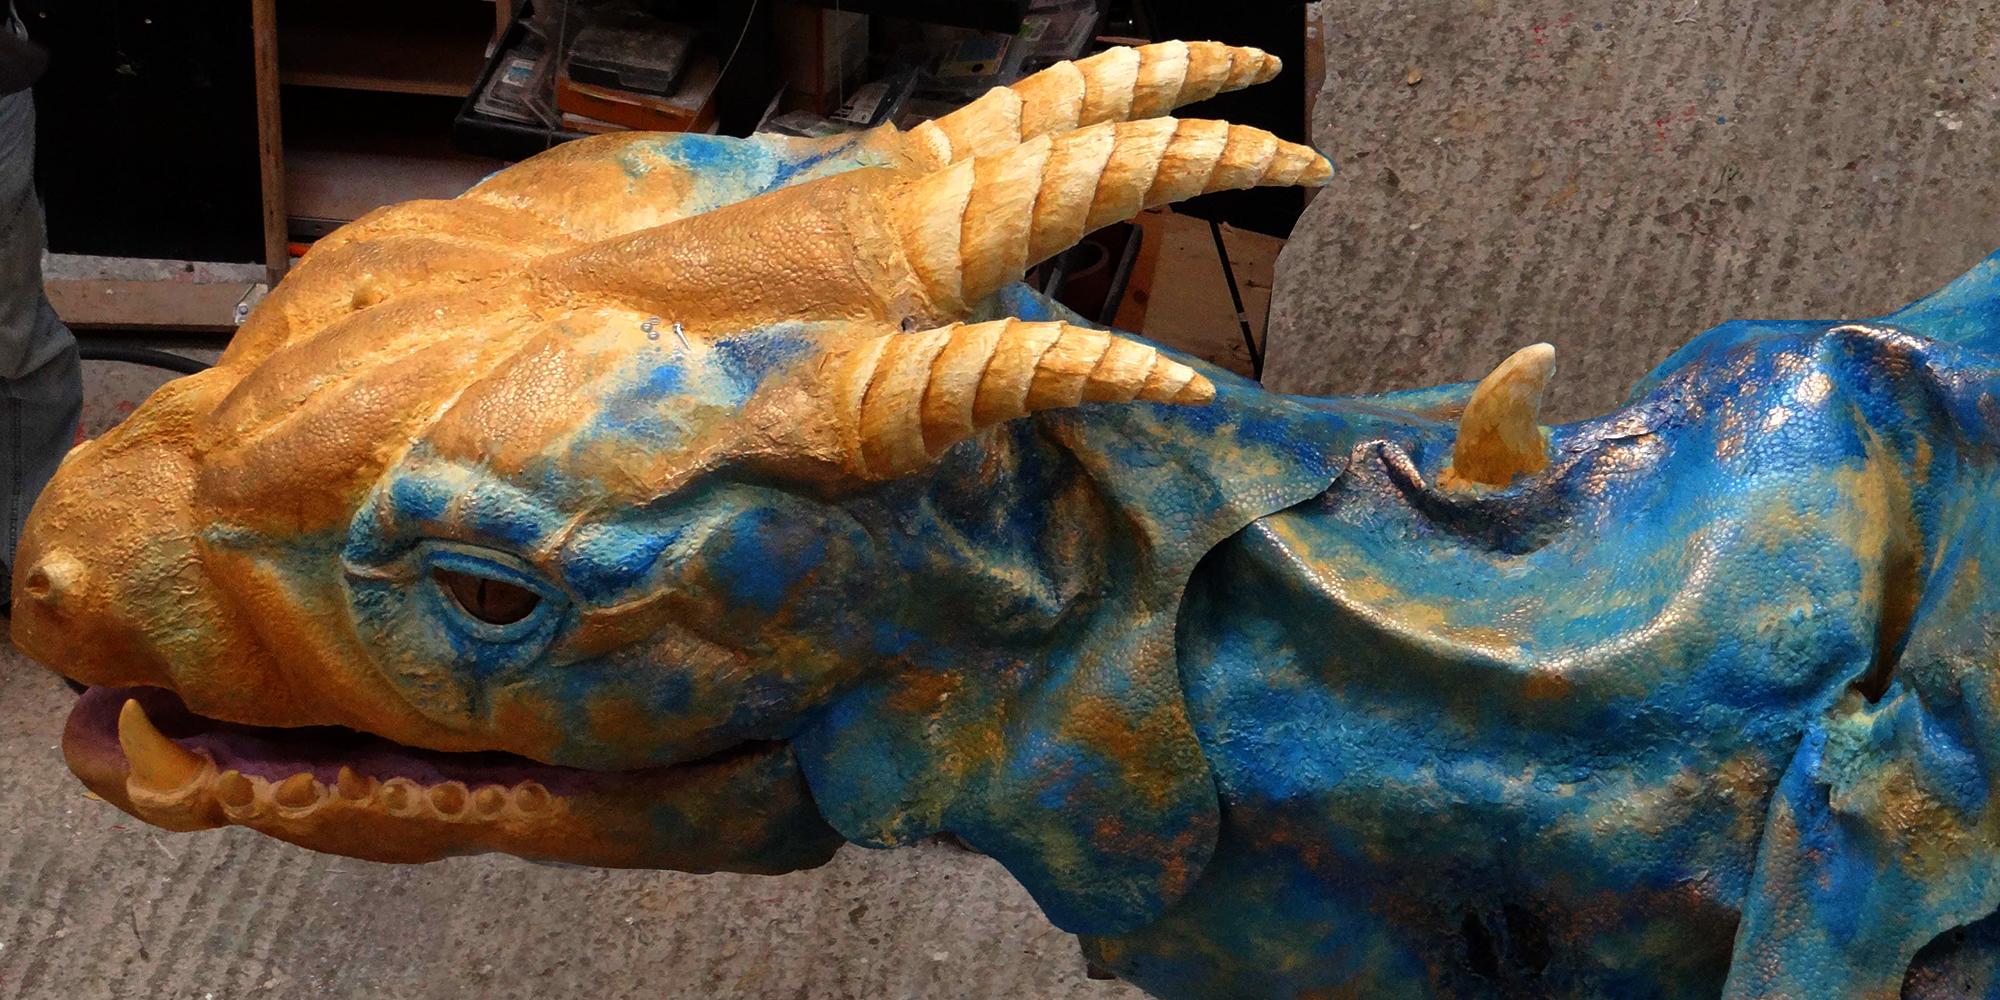 détail du travail de sculpture du haut du crane du dragon et de ses cornes et épines dorsales en résine, peau en élastomère